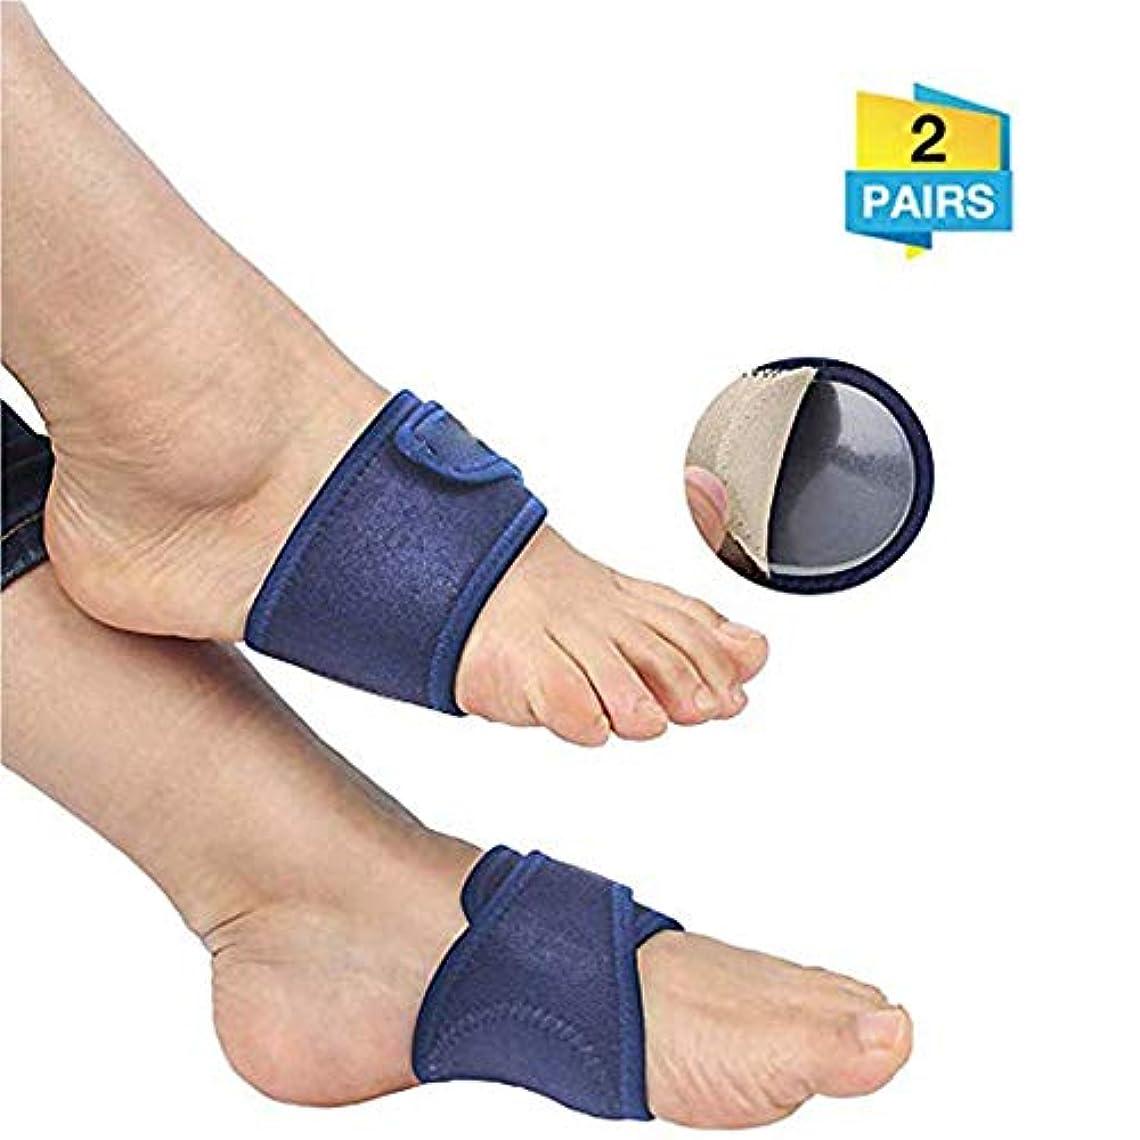 司法グリップタイマーアーチサポートパッド シューインサート にとって 高アーチ、 通気性 スポンジマット 青 フットパッド アーチストラップ、 平らな足の痛み、 キャバスフット、 足底筋膜炎 (2ペア)